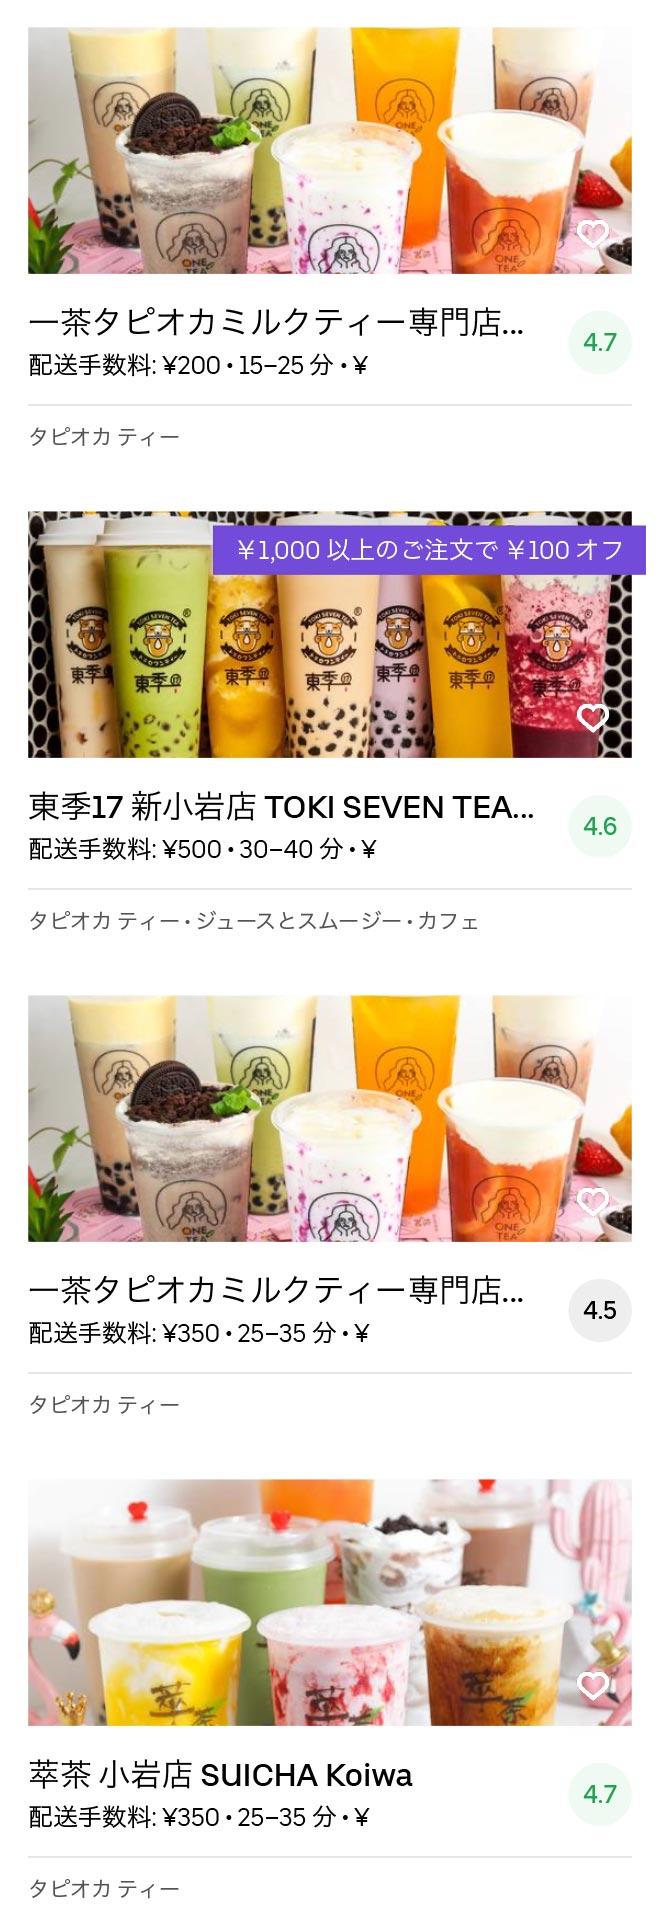 Tokyo aoto menu 2005 06